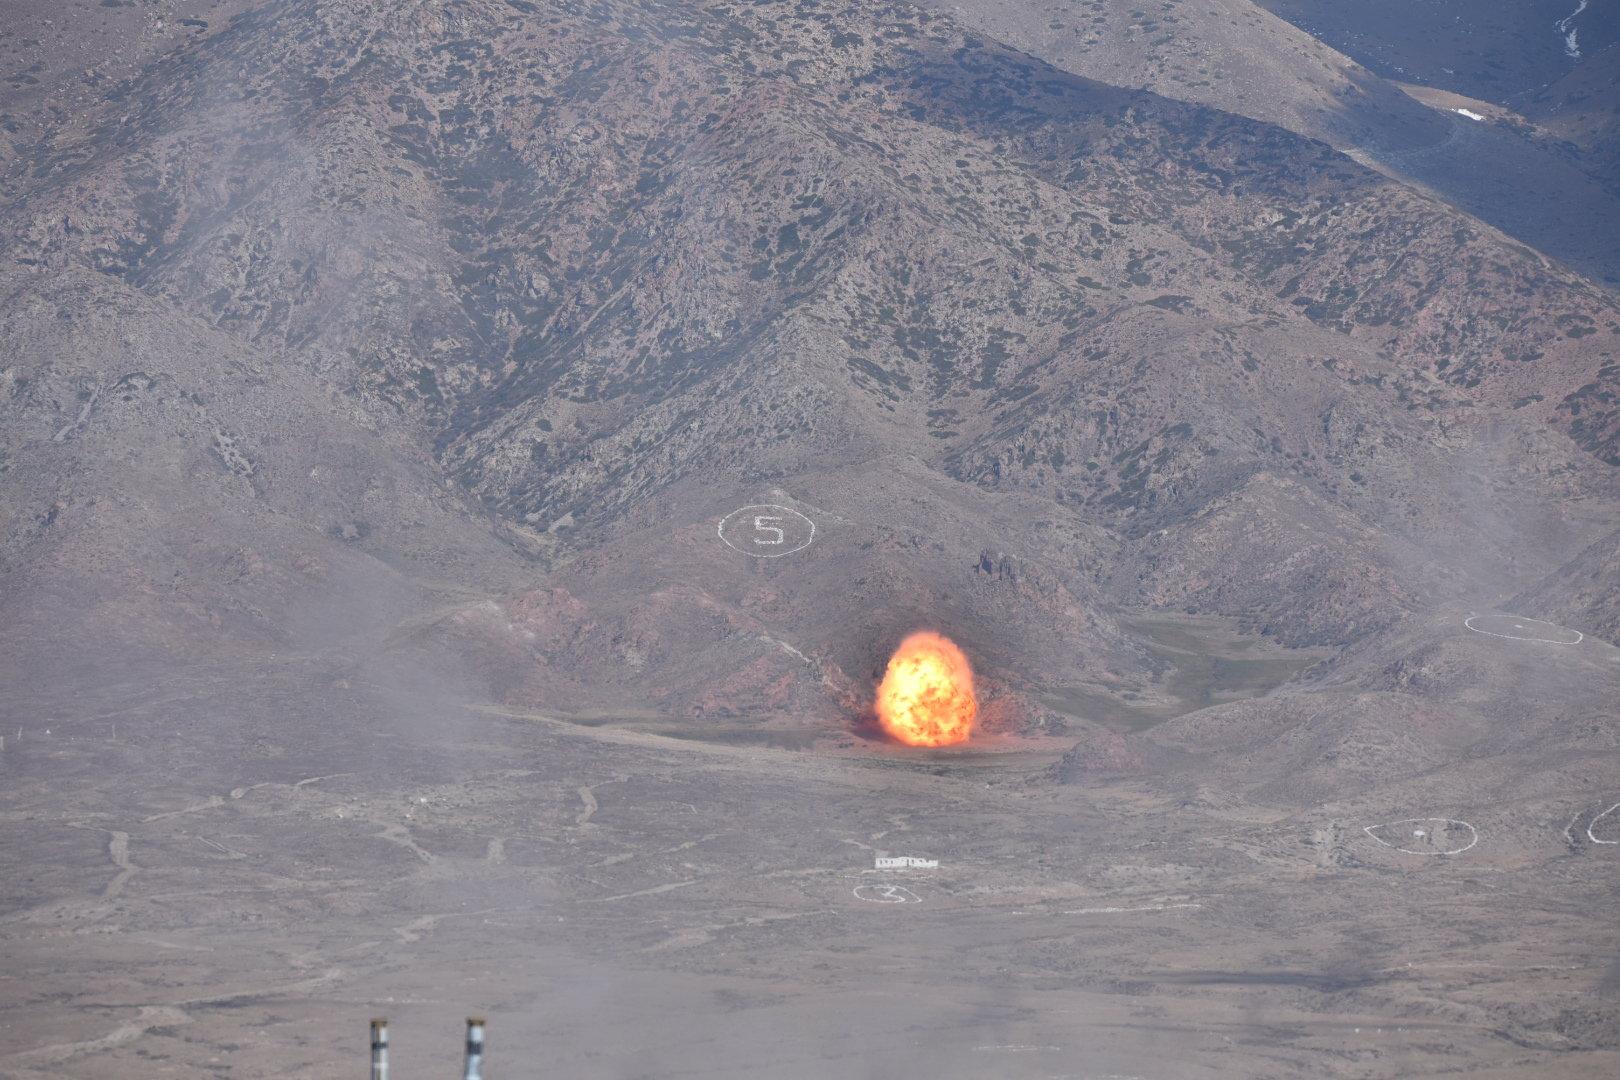 Запуск ракеты Искандер-М  в рамках заключительного этапа учений стран — участниц СНГ Иссык-Куль антитеррор — 2018 в Балыкчи